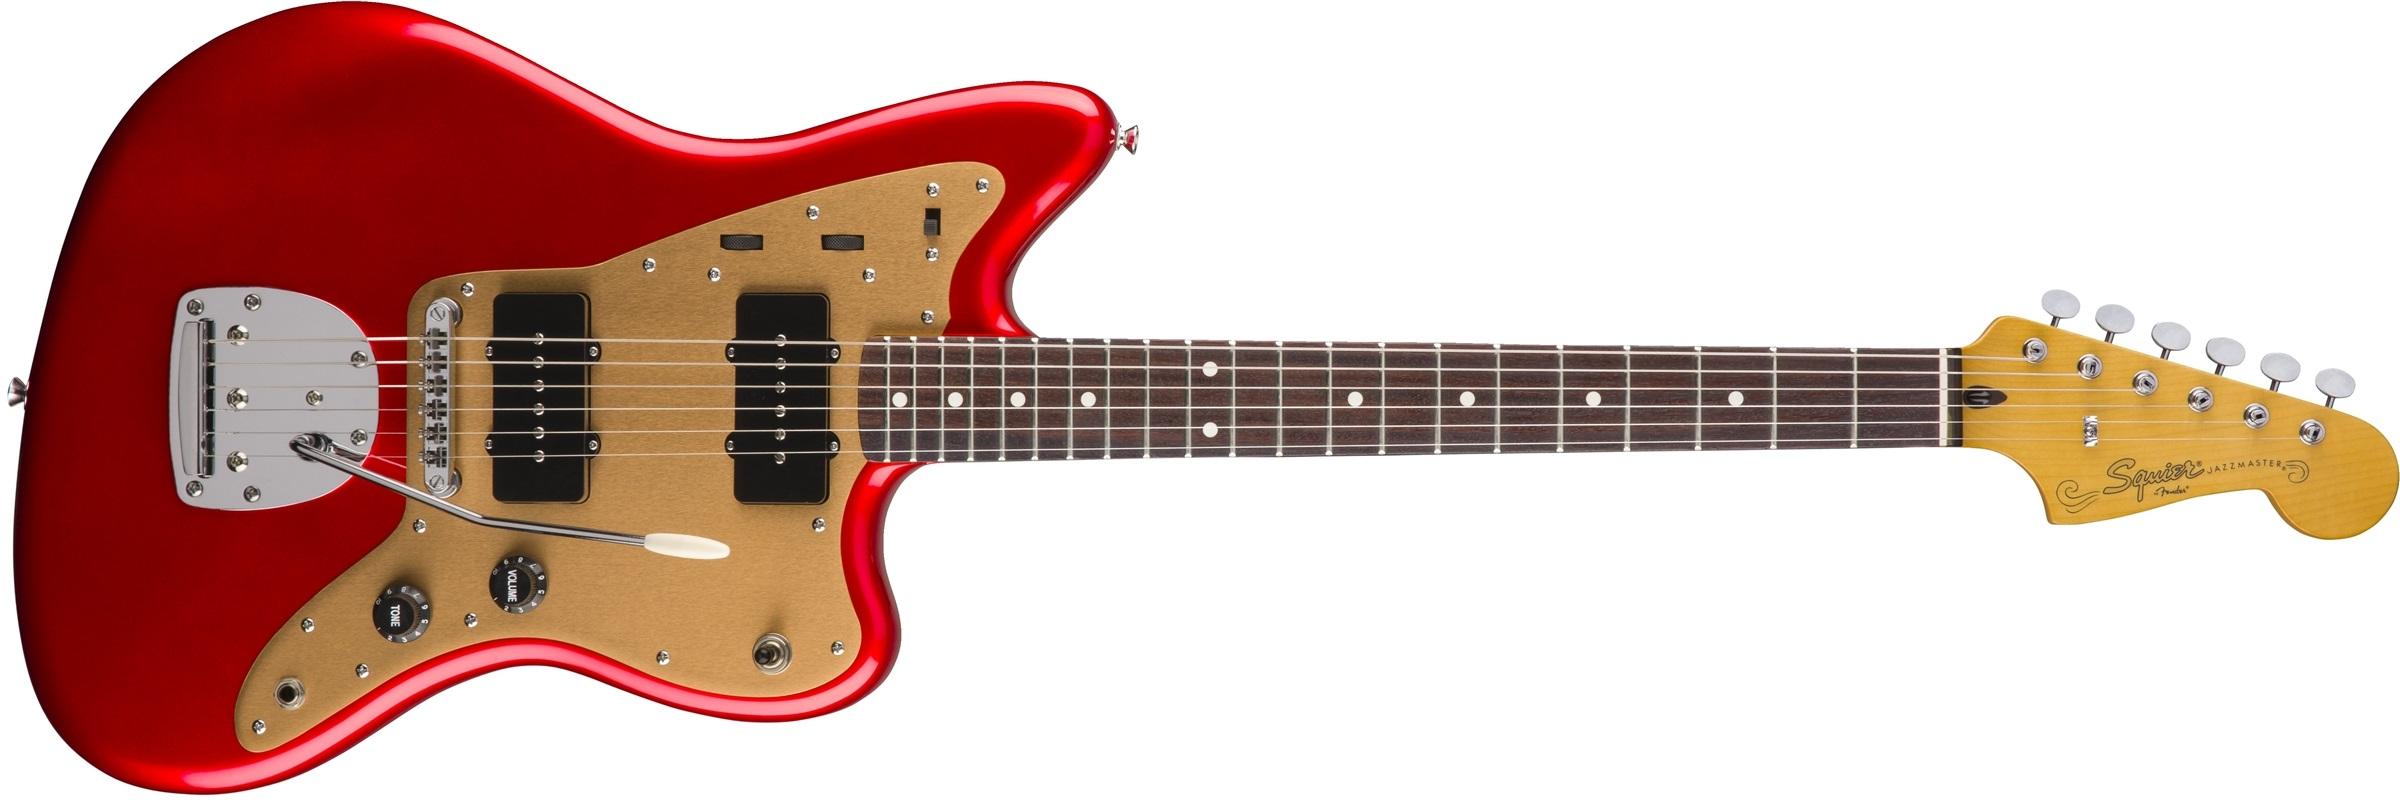 Fender Squier Deluxe Jazzmaster Tremolo RW CAR